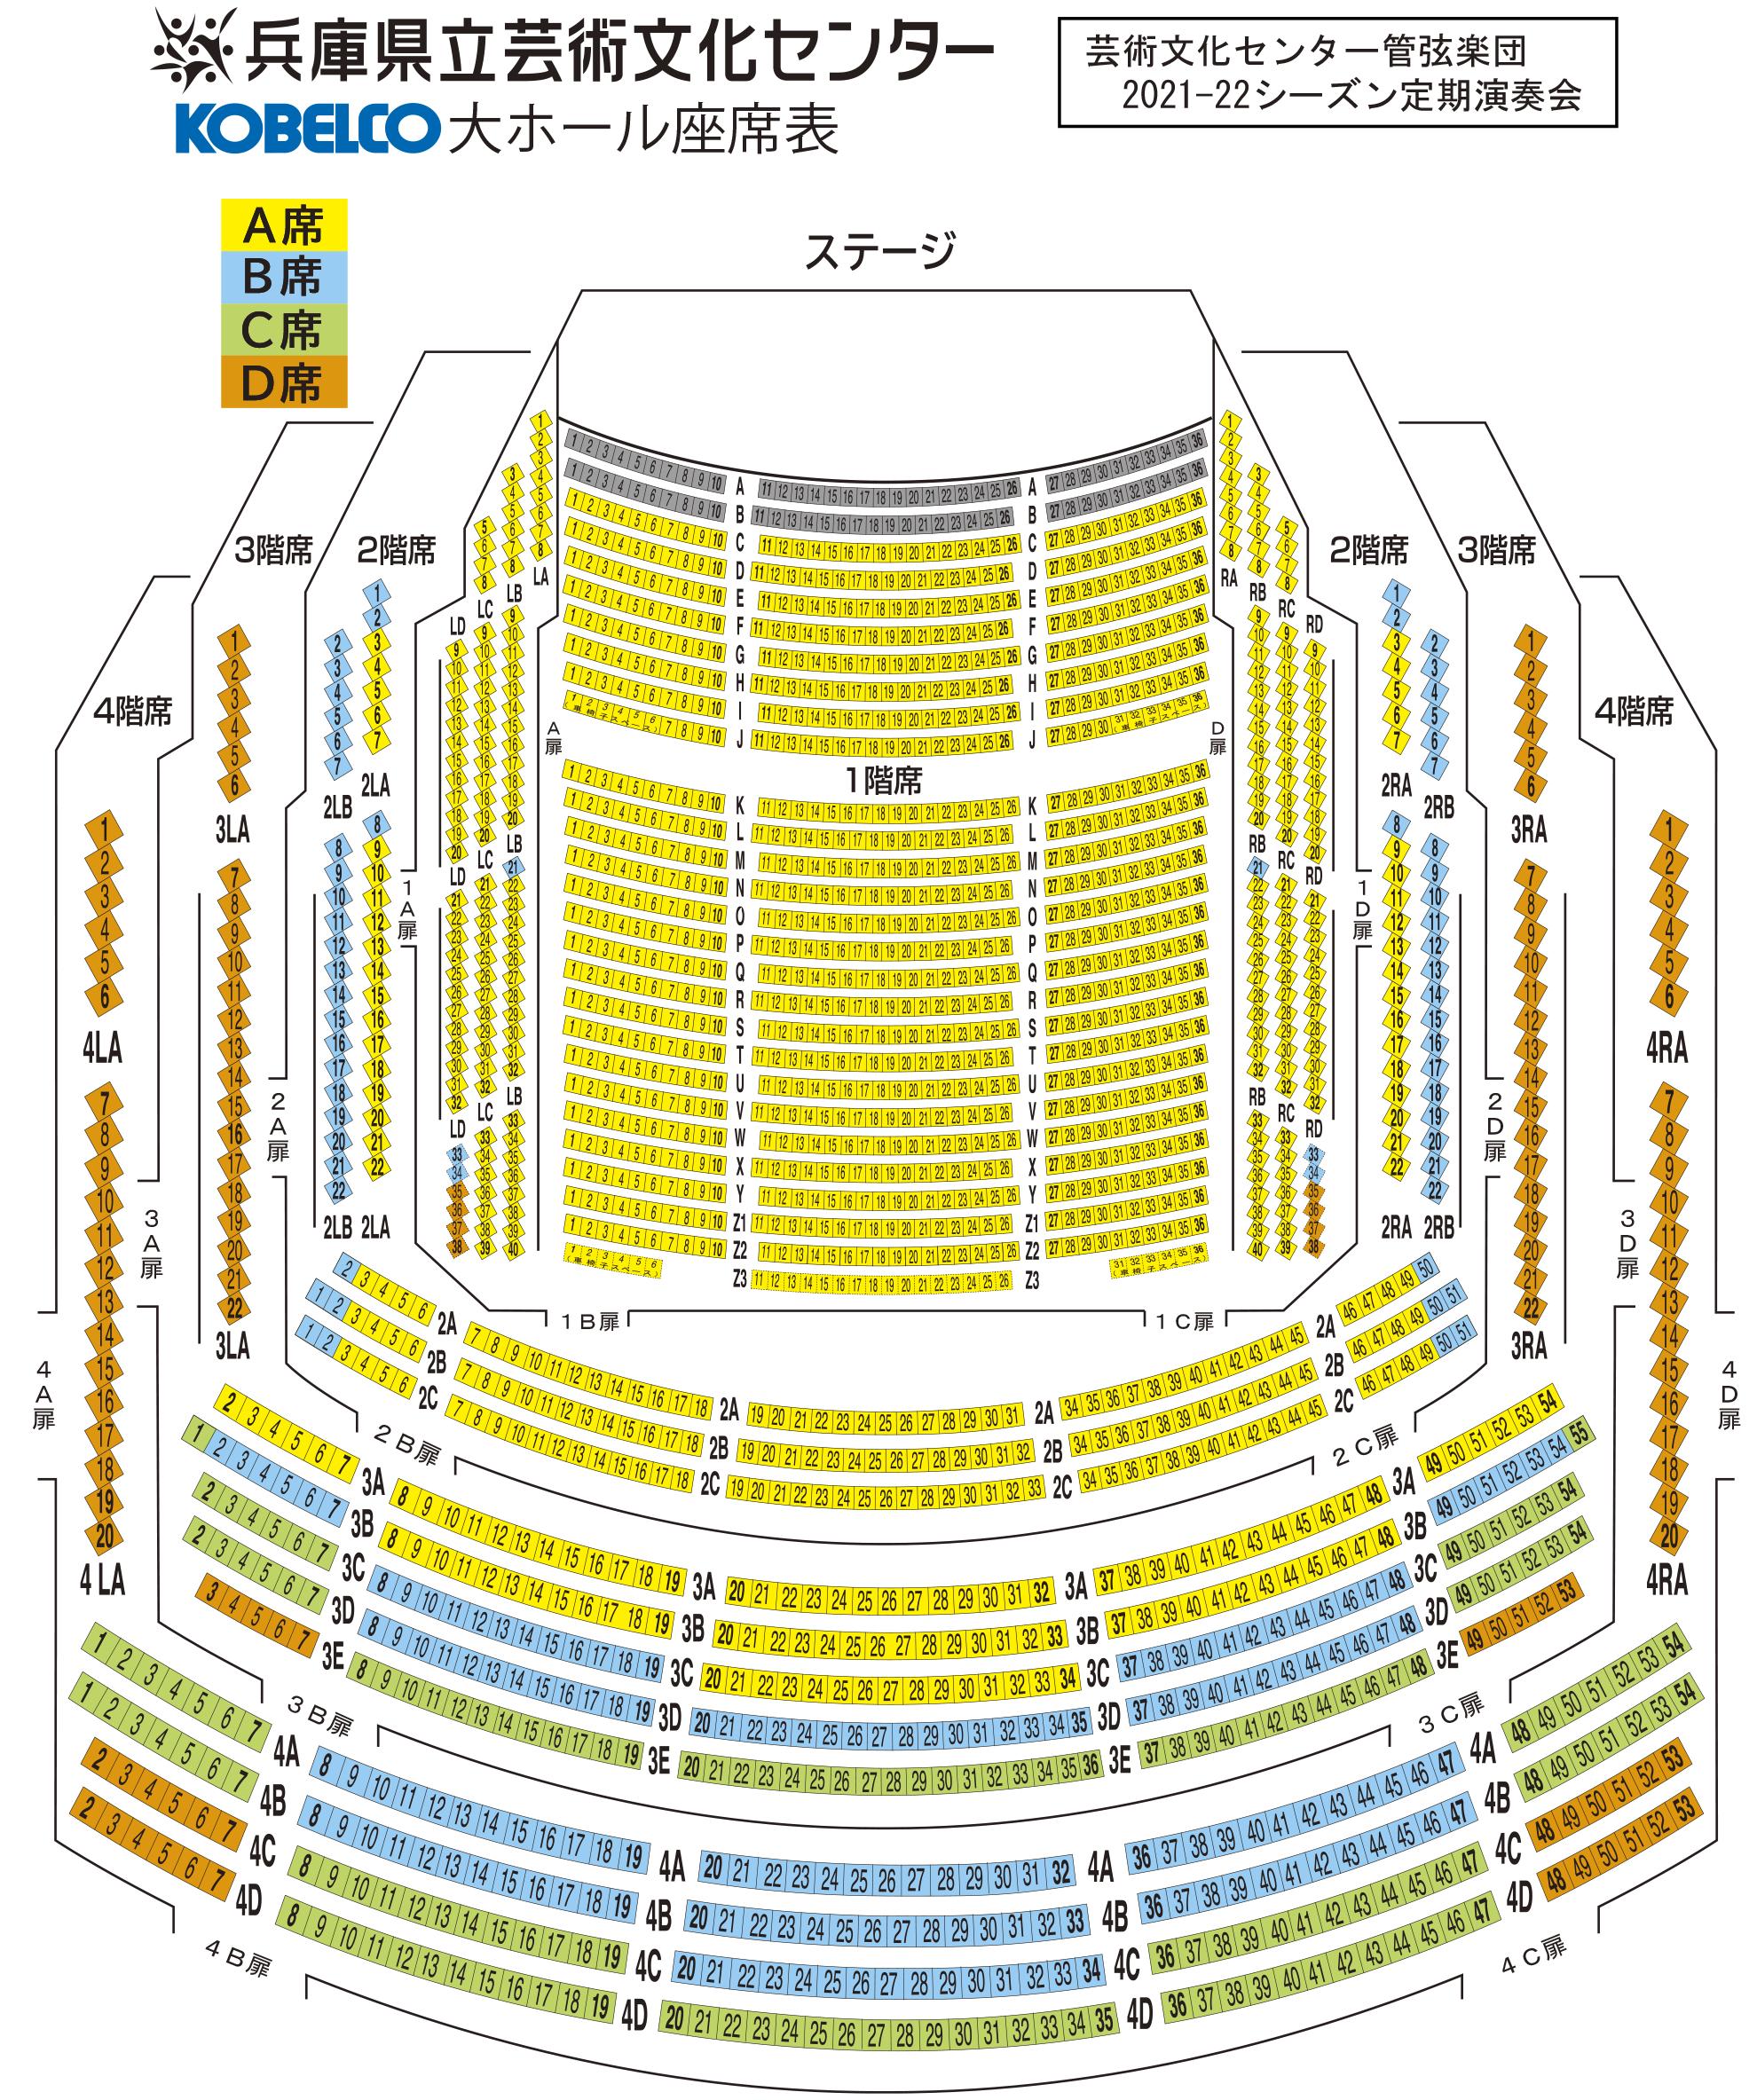 KOBELCO大ホール座席表